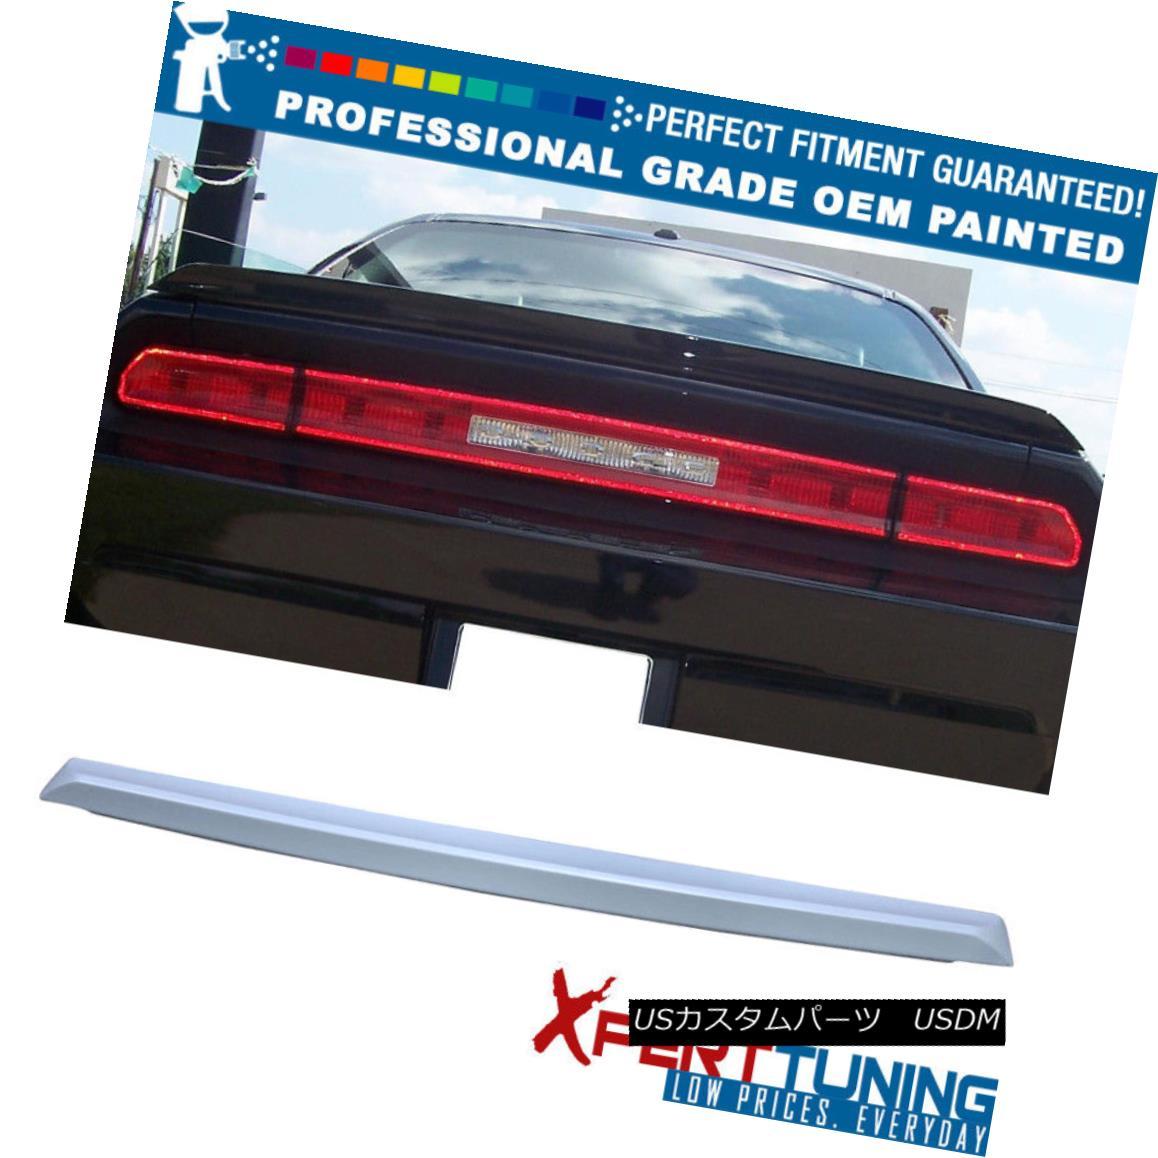 エアロパーツ Fit 08-17 Challenger SRT Style Painted ABS Trunk Spoiler - OEM Painted Color フィット08-17チャレンジャーSRTスタイル塗装ABSトランクスポイラー - OEM塗装色